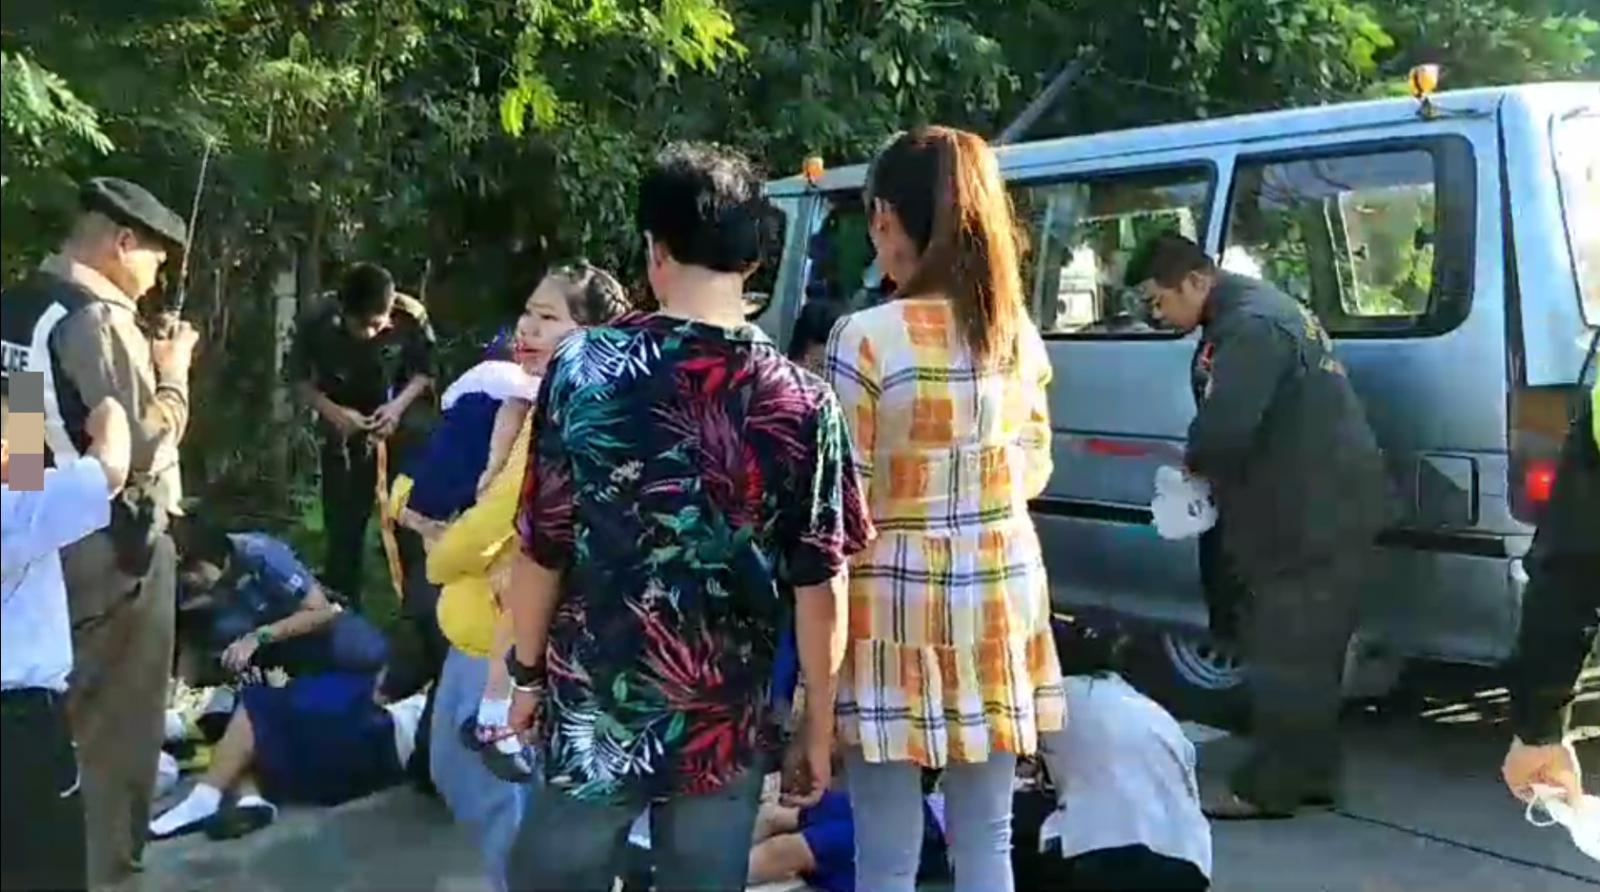 รถตู้ยางระเบิดเสียหลักพุ่งชนเสาไฟ นักเรียนเจ็บอื้อ!